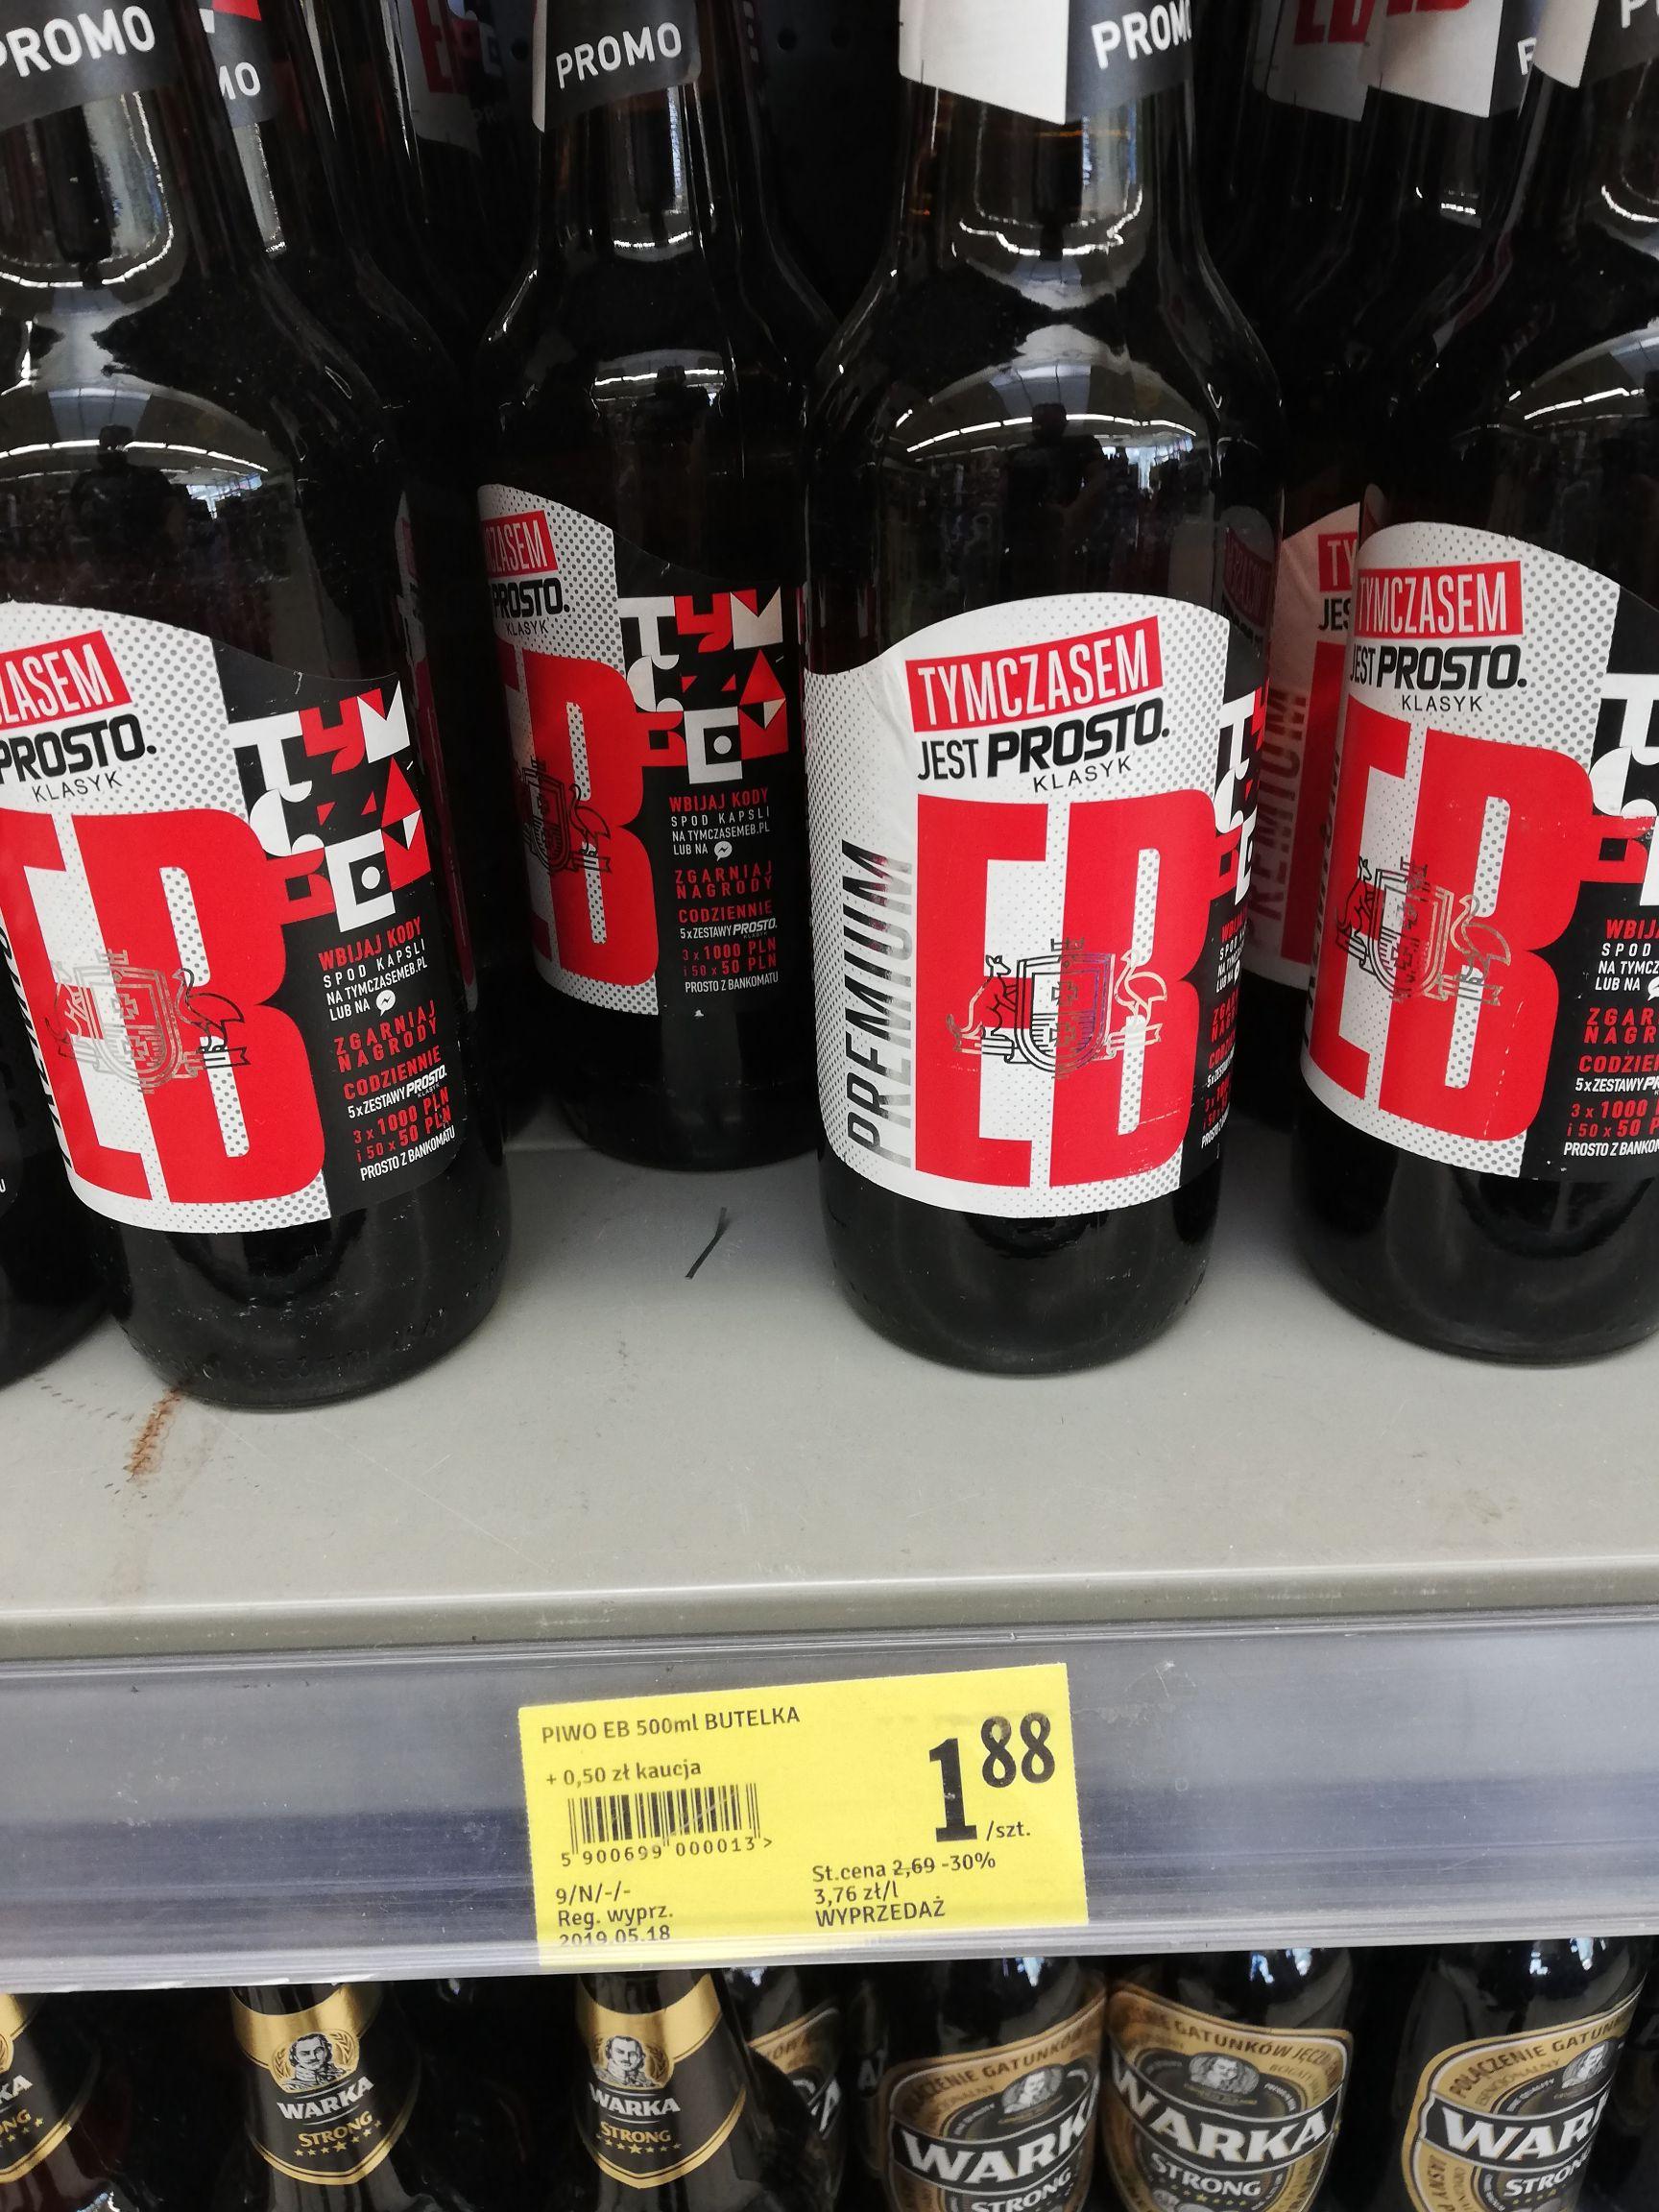 Piwo EB w dobrej cenie - stokrotka